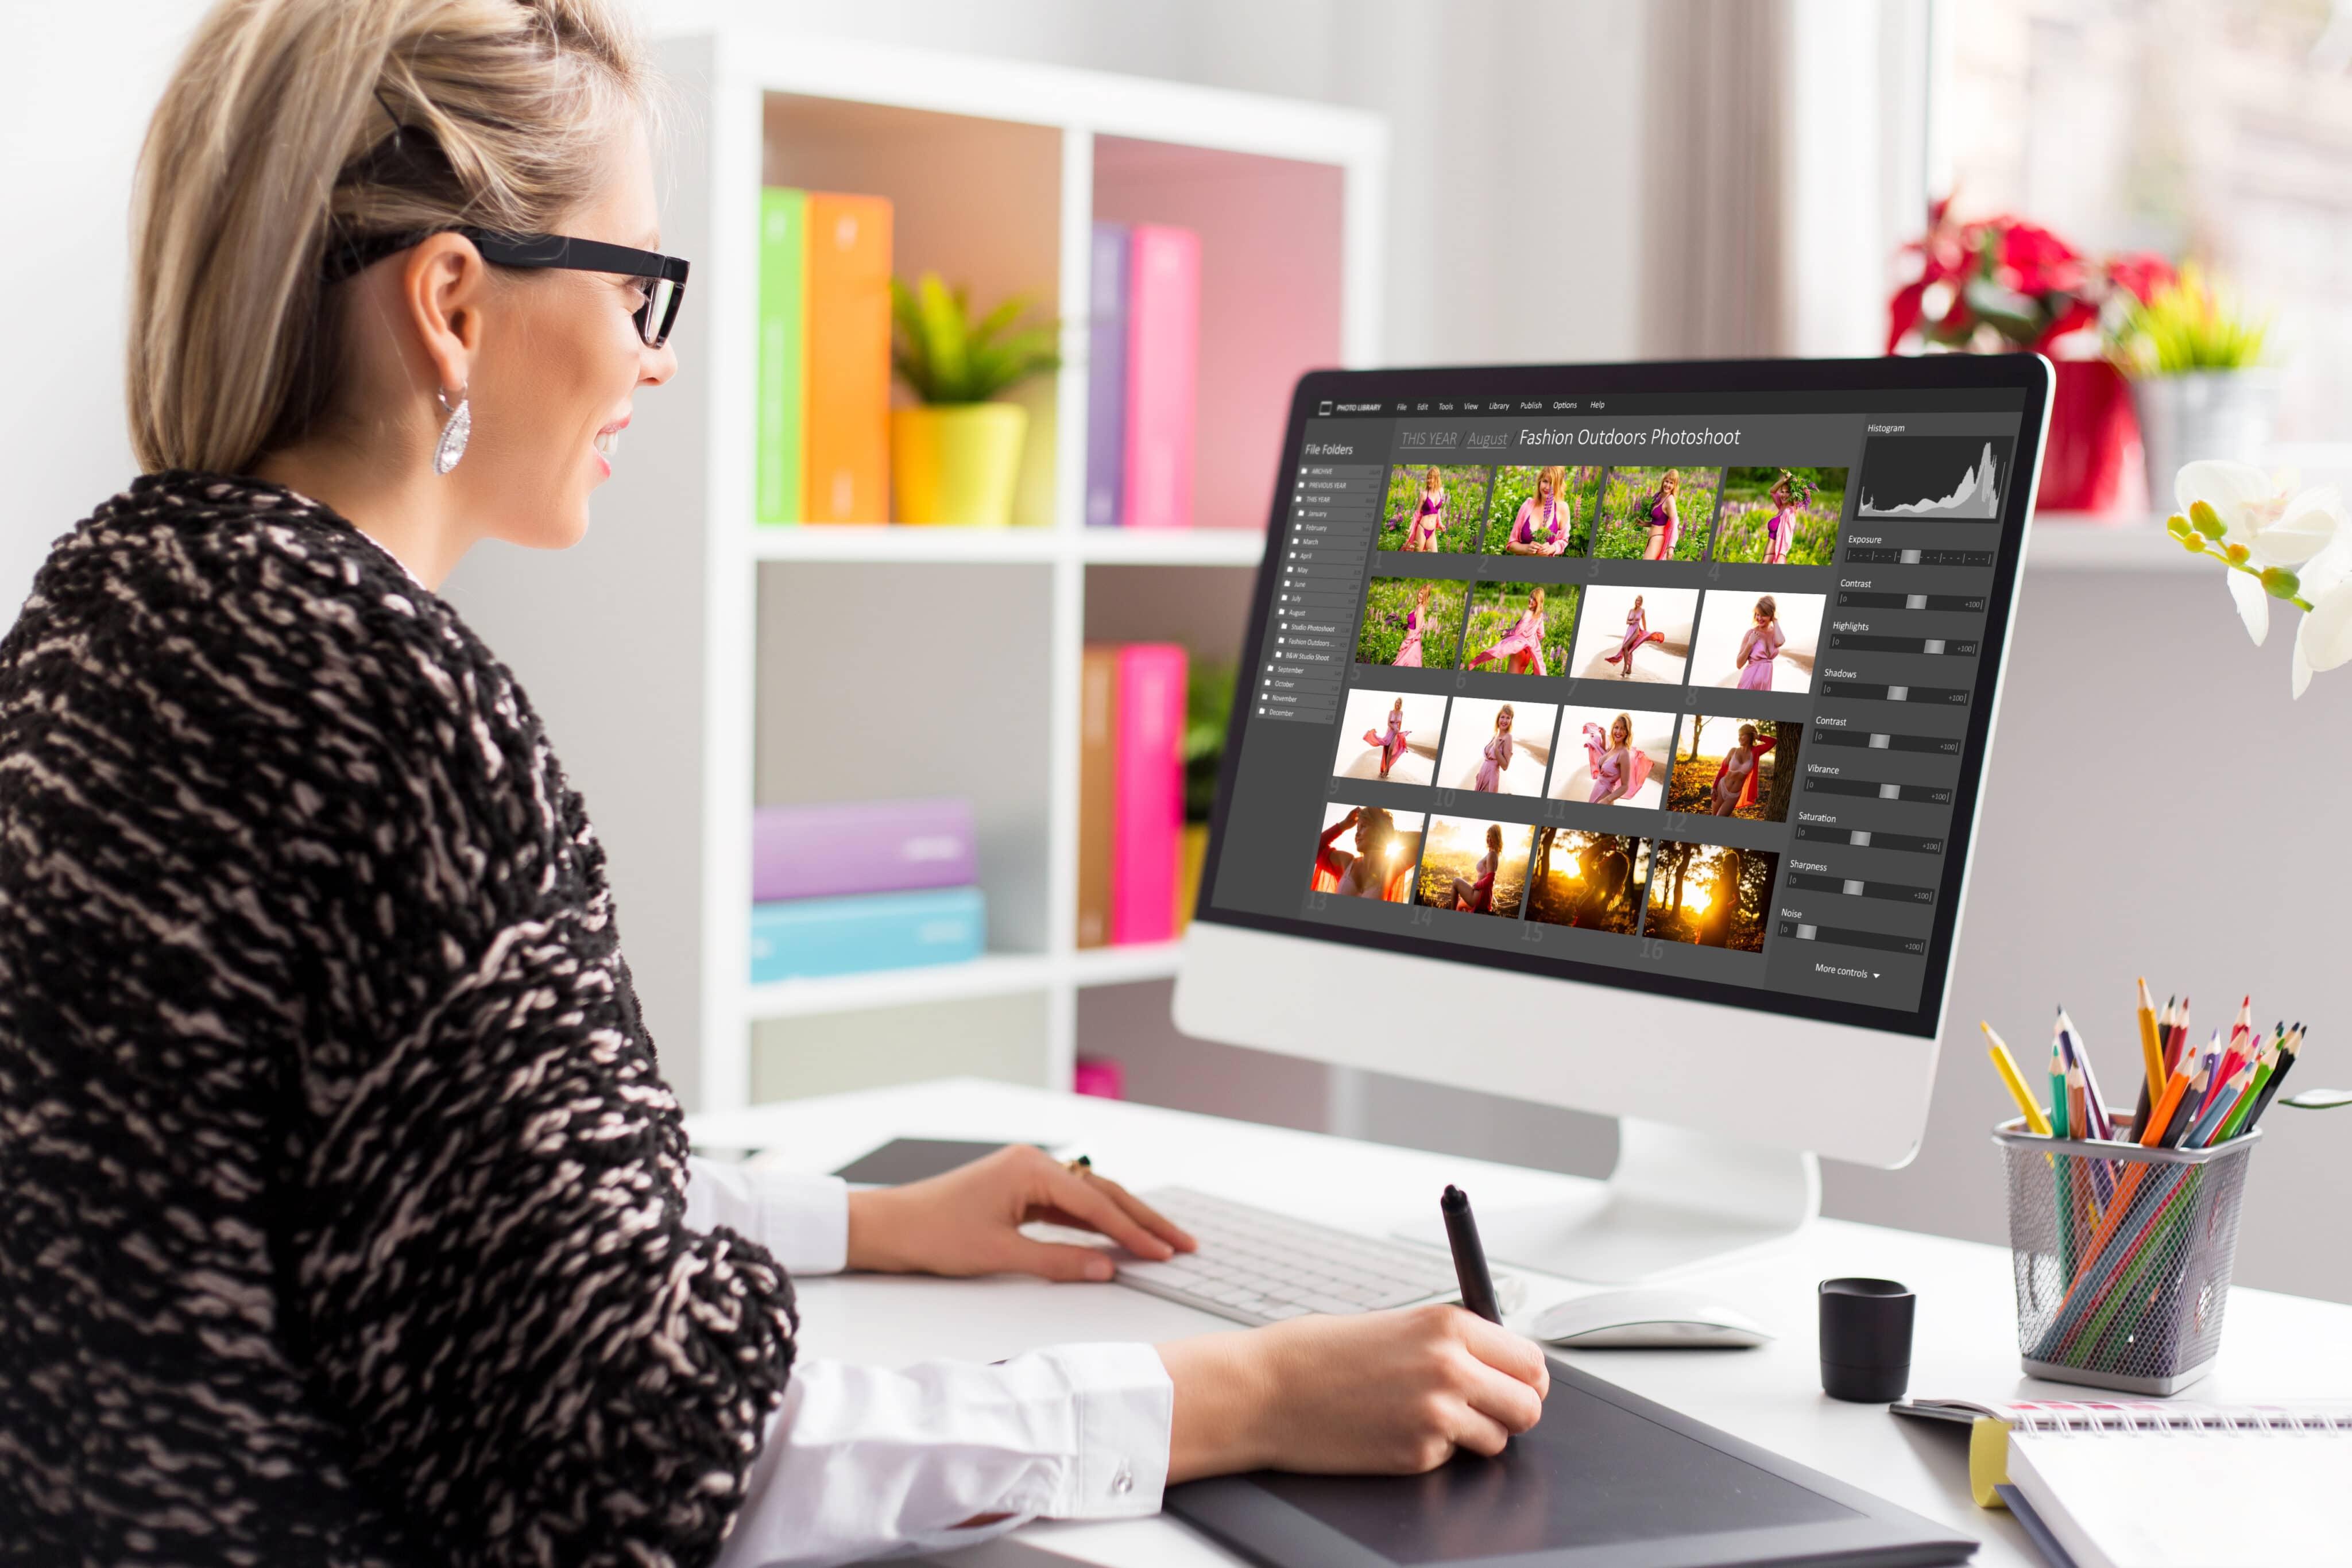 Mulher editando fotos em um iMac